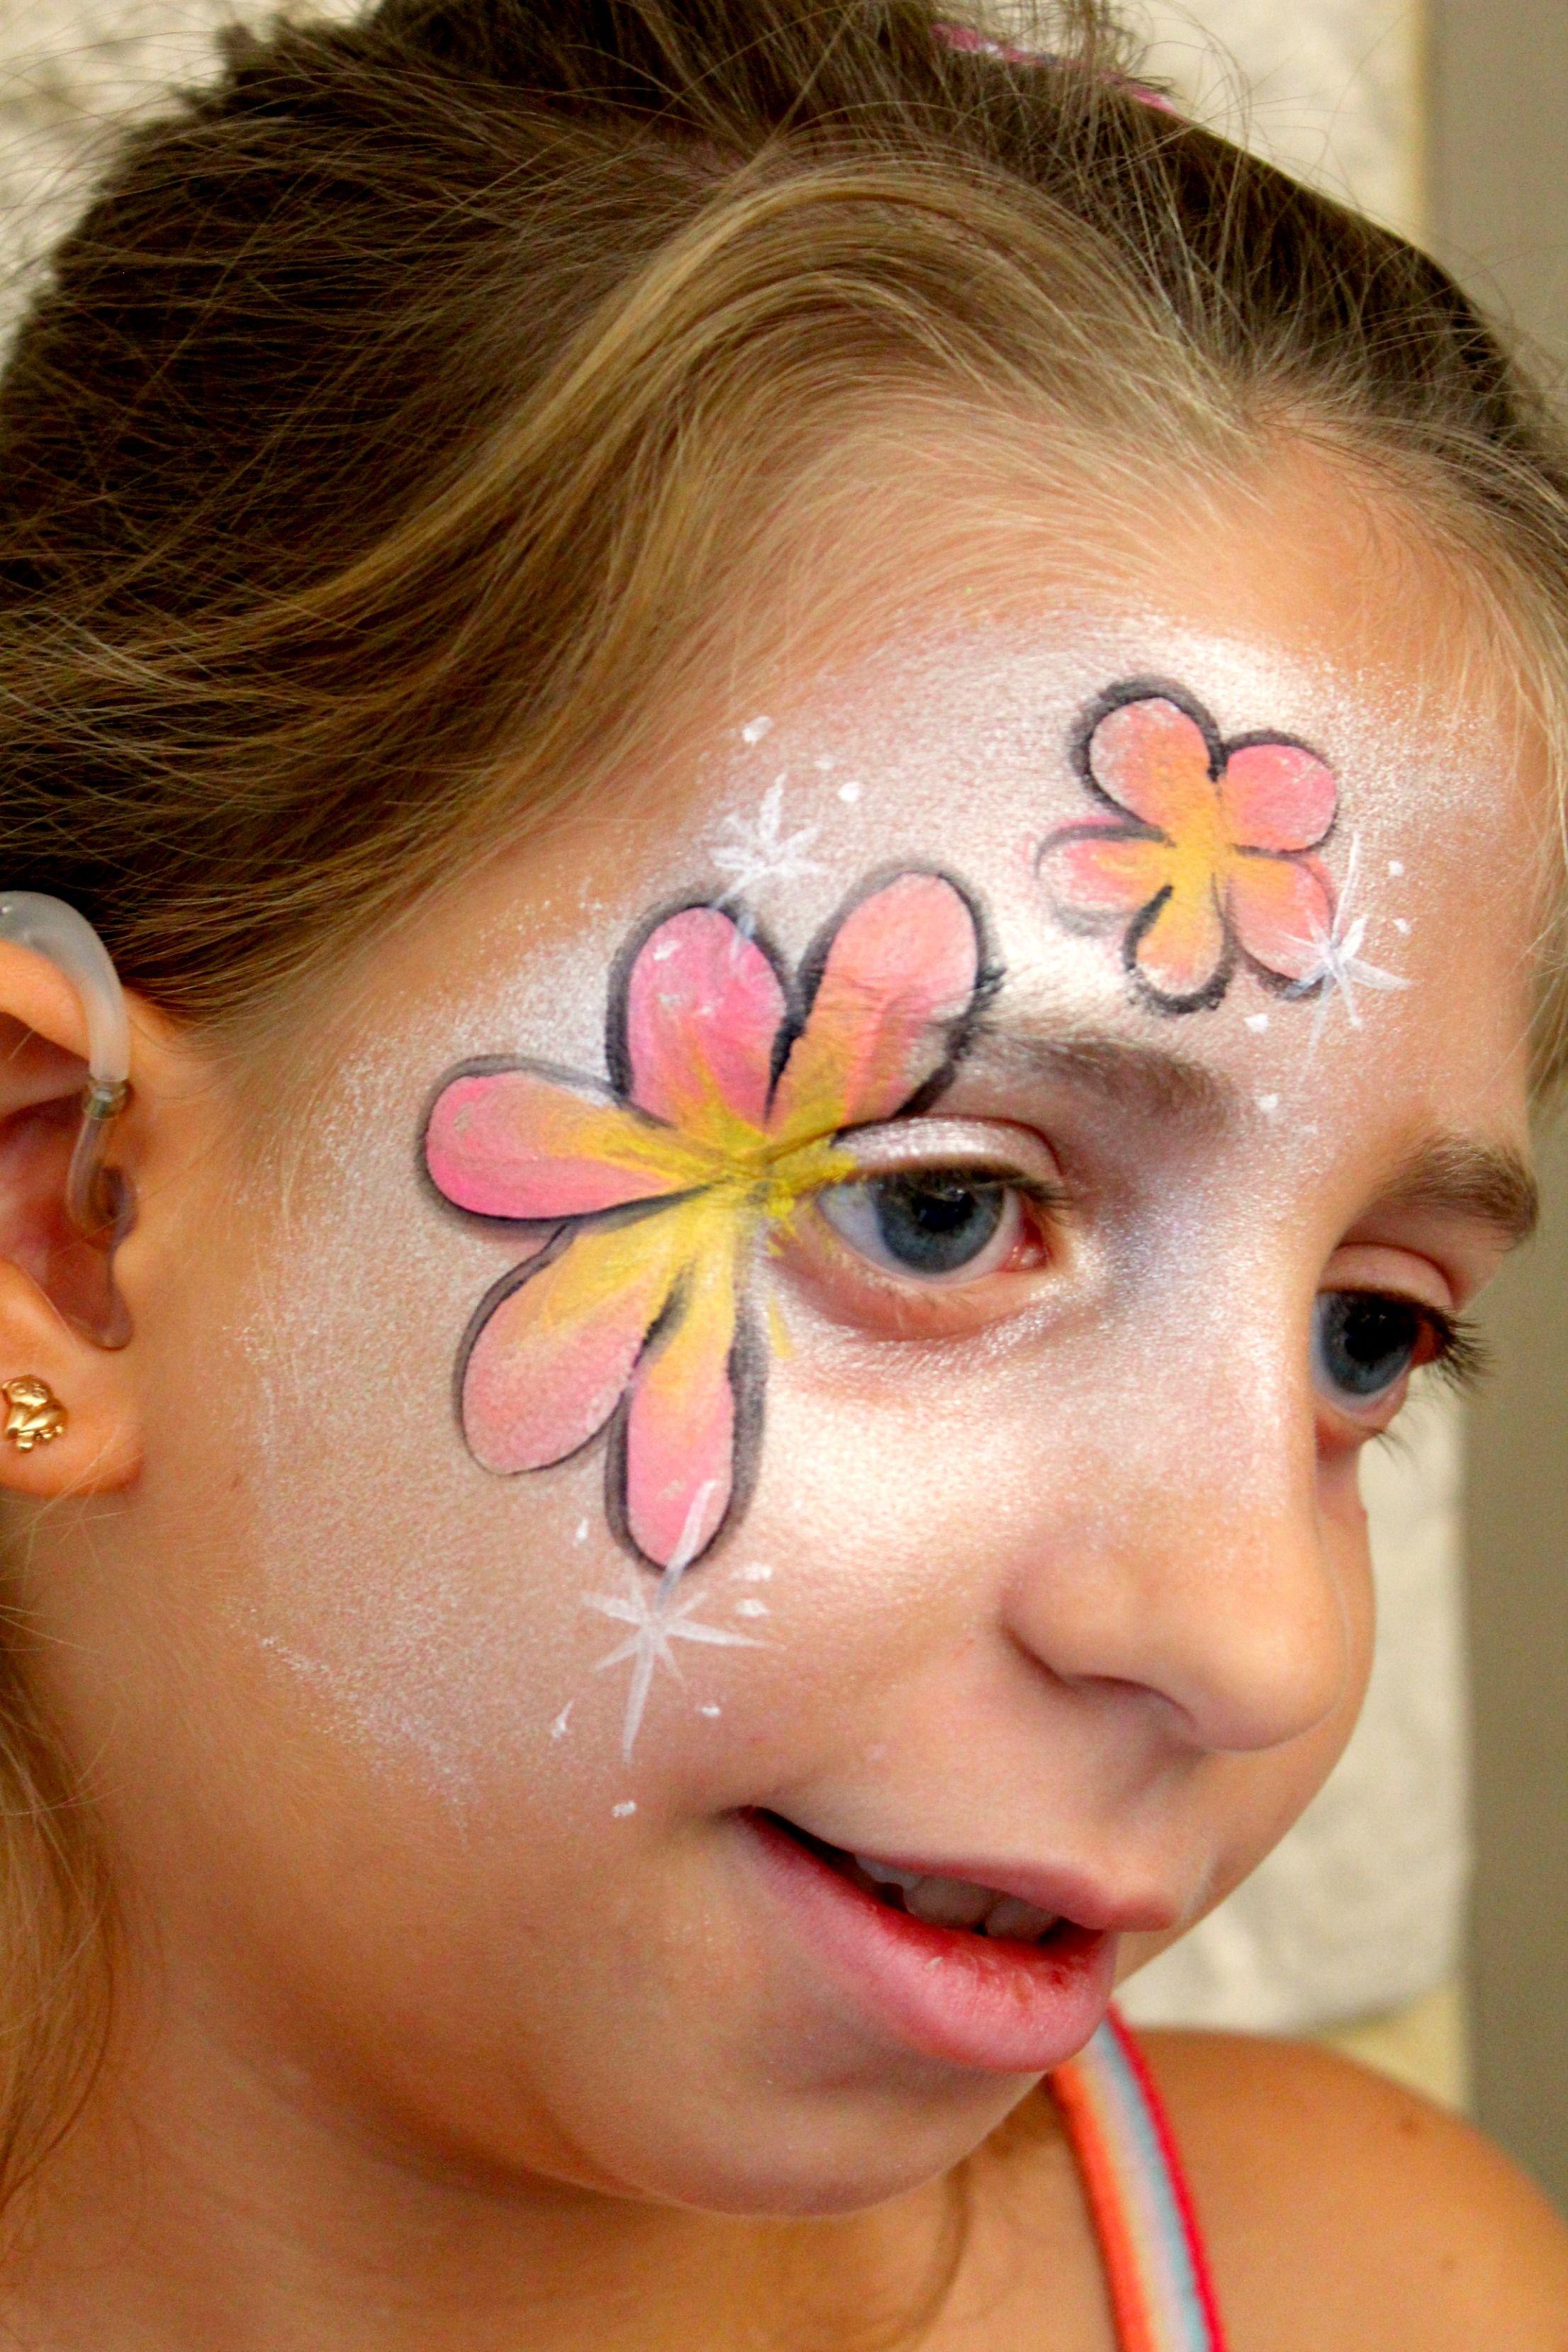 Maquillage Fleurs | Peinture visage simple, Ecole de maquillage, La peinture sur visage